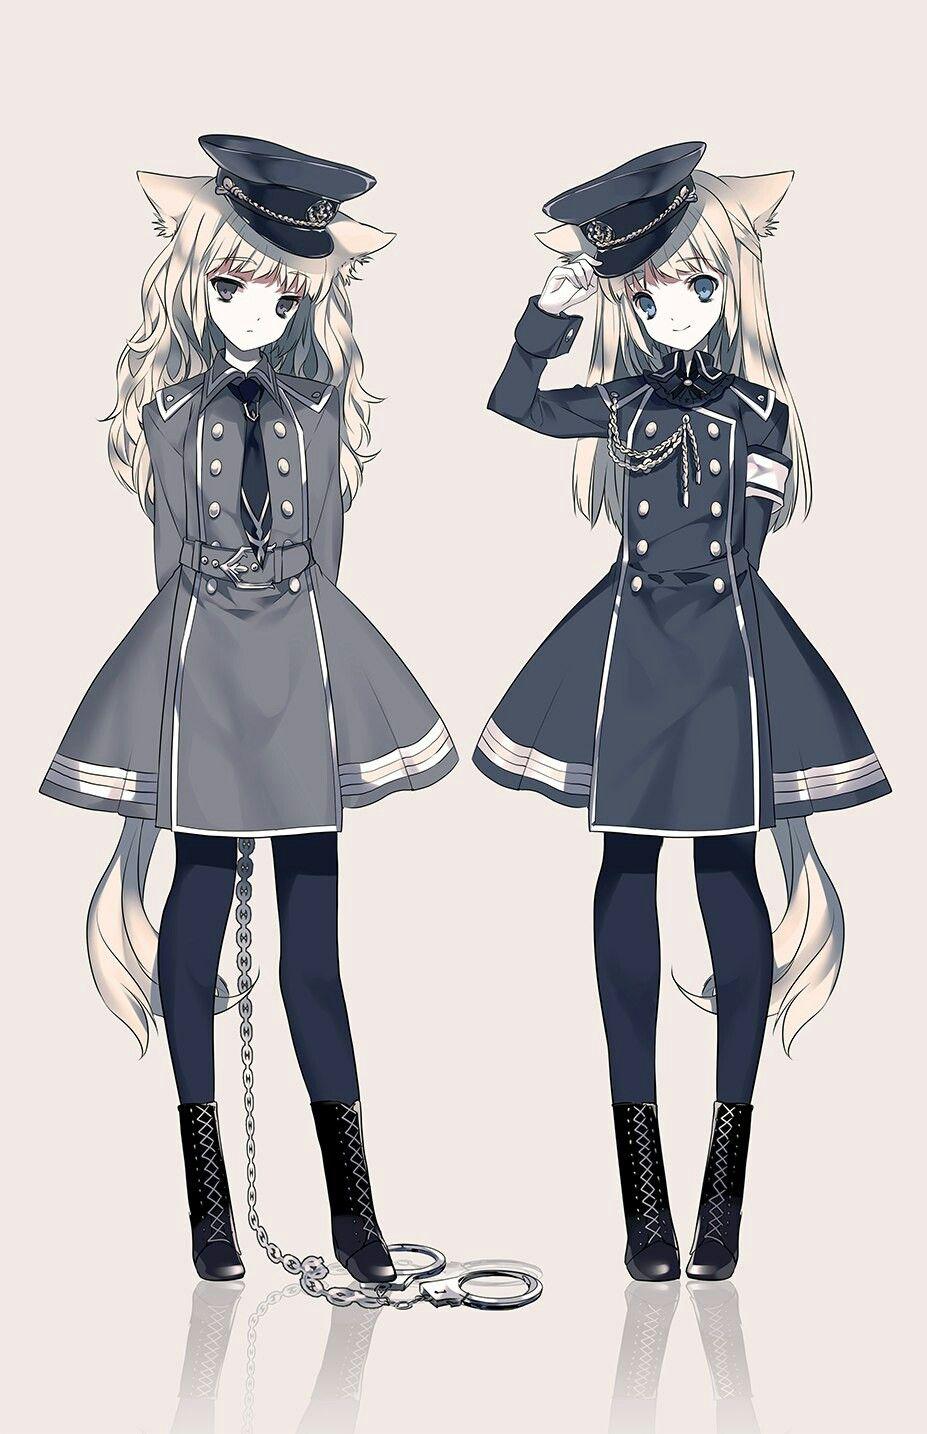 Twins girl cop วาดรูปแฟชั่น, สาวอนิเมะ, สาวหูแมว